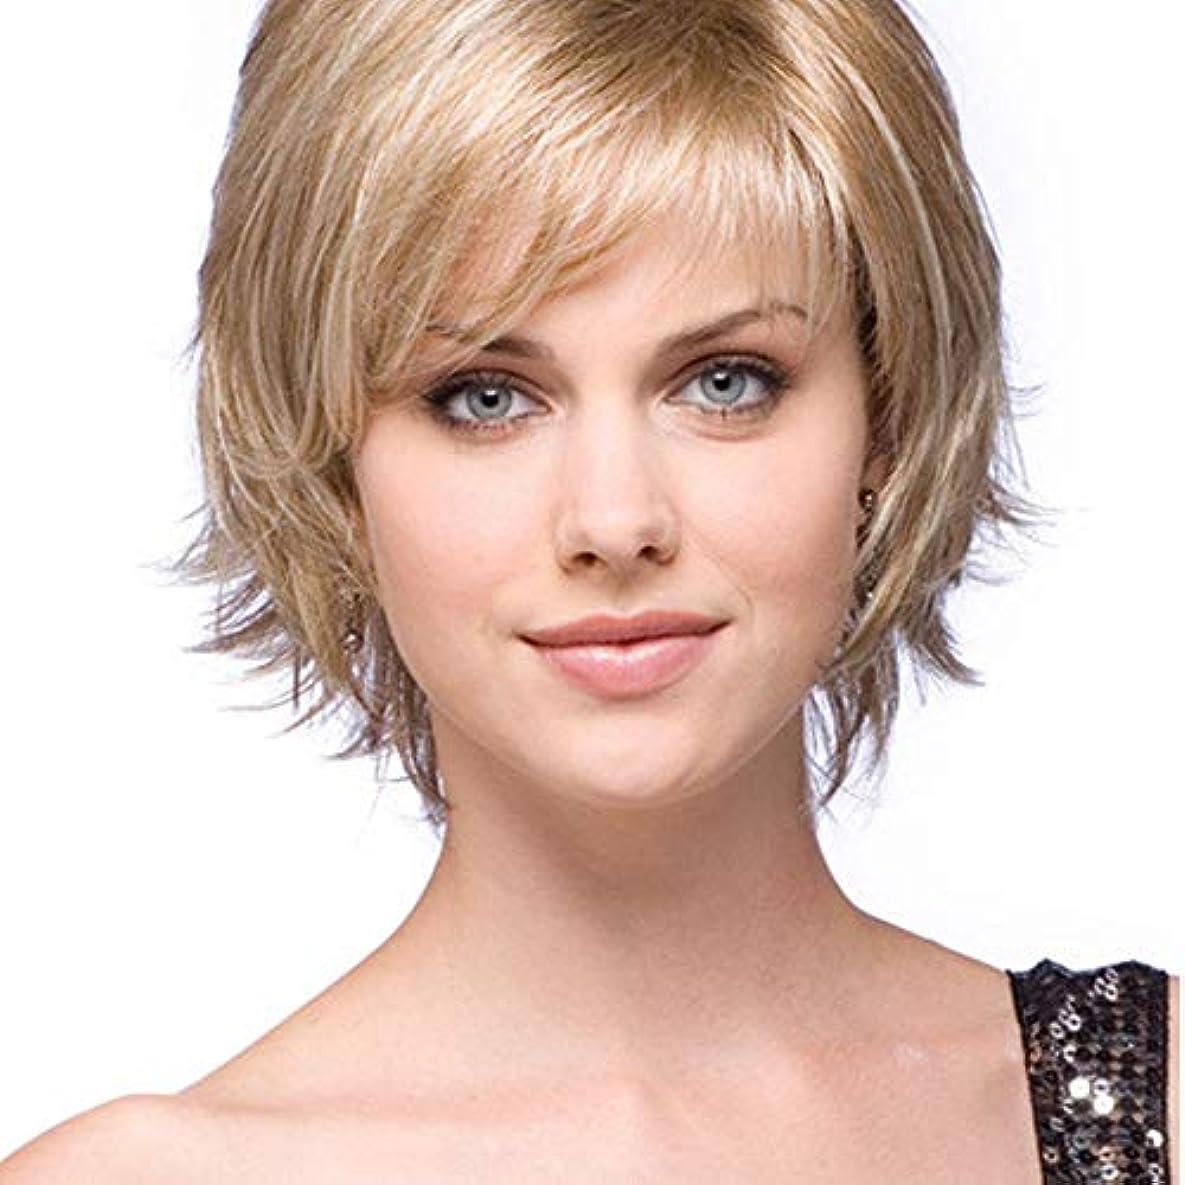 発信量で豊富なWASAIO 人工毛ブロンドのかつらショートカーリーヘアーボブウィッグ (色 : Blonde)